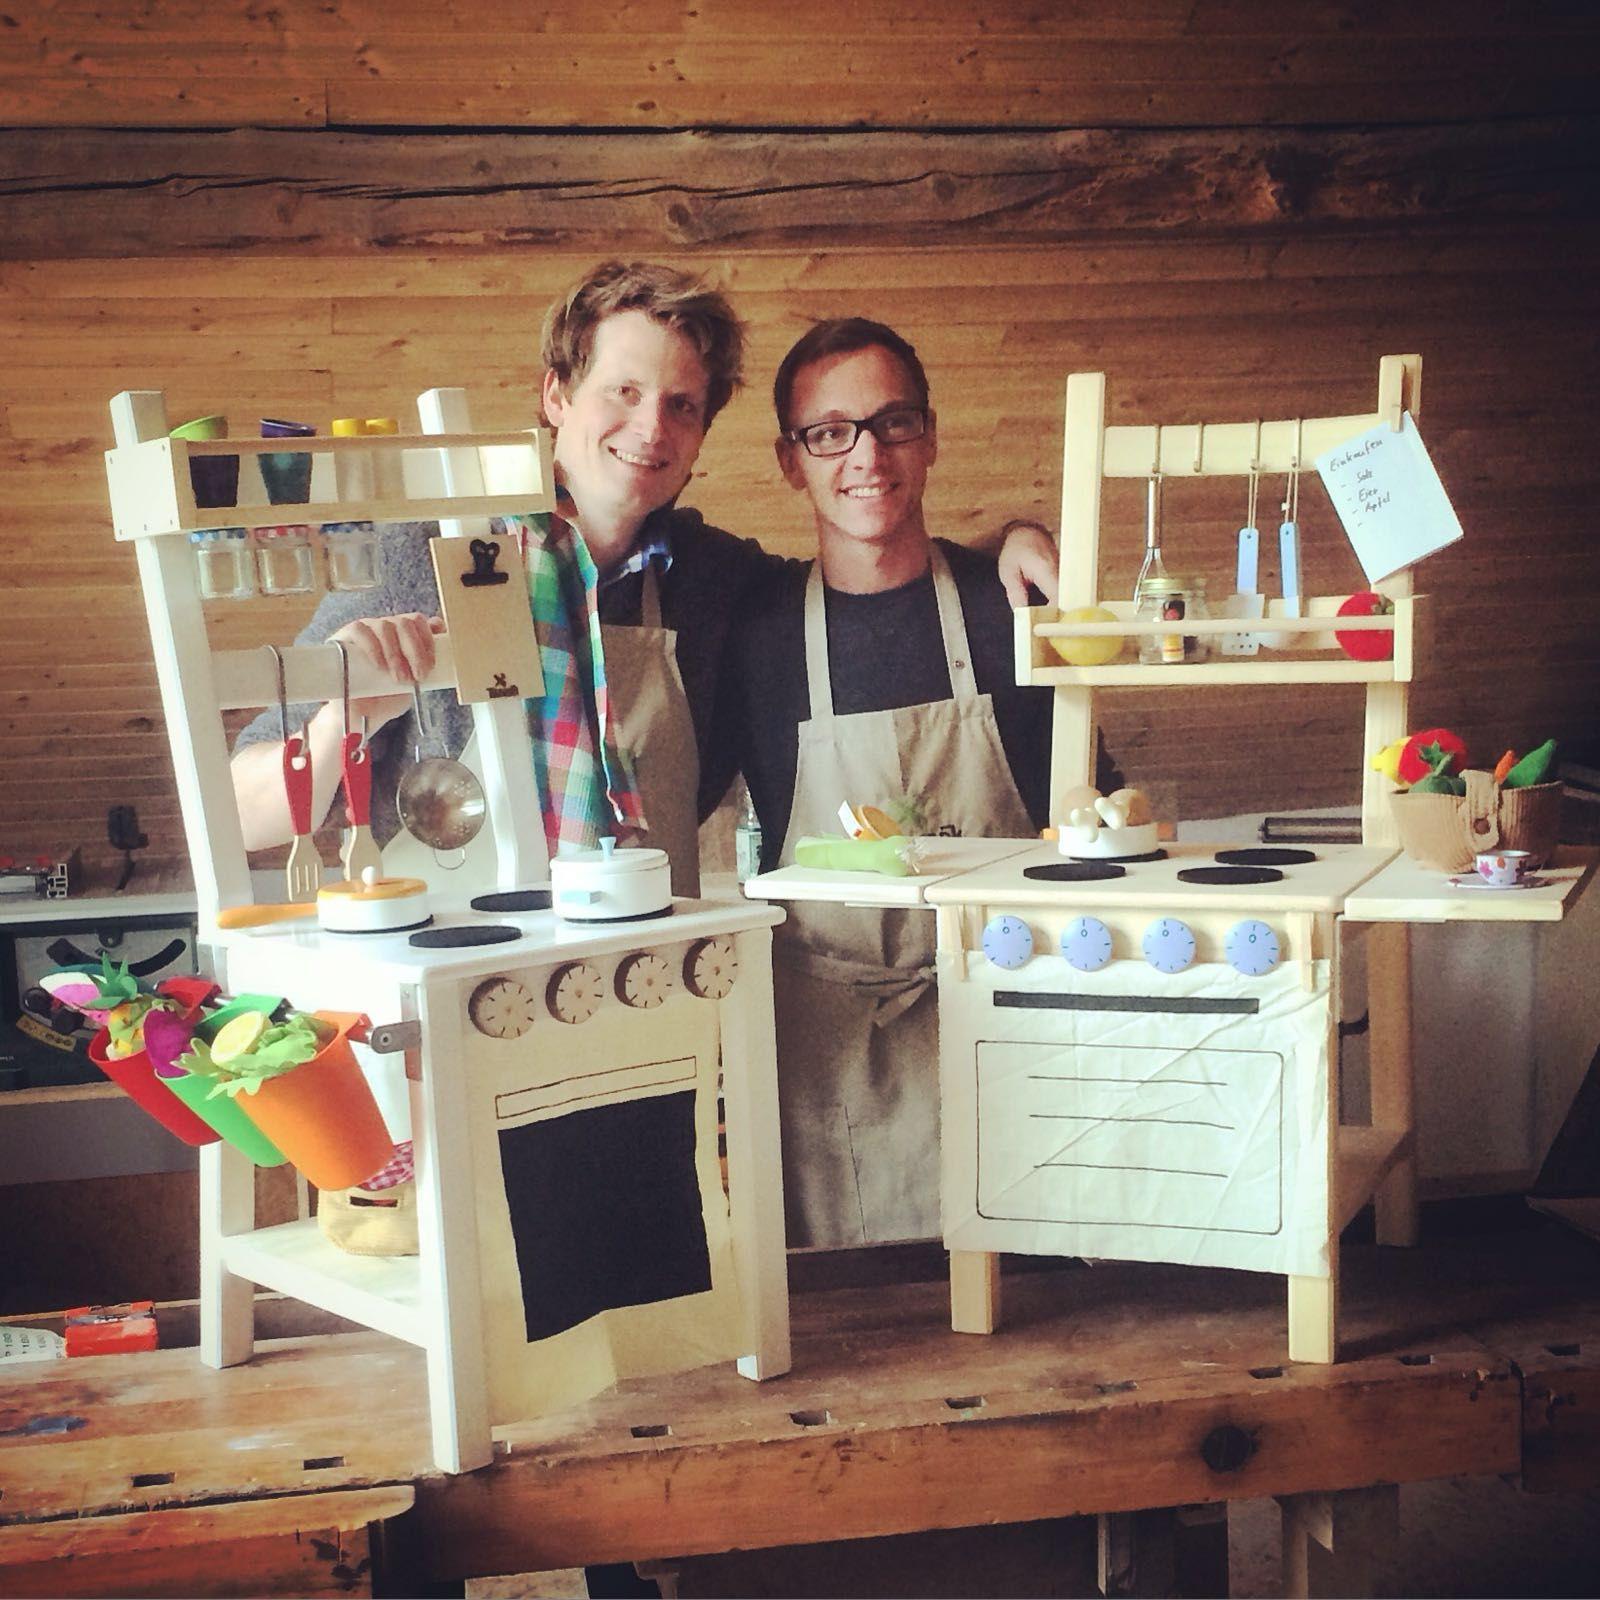 Kinderküche Mit Einfach Hausgemacht Crafty Mom Pinterest Diy